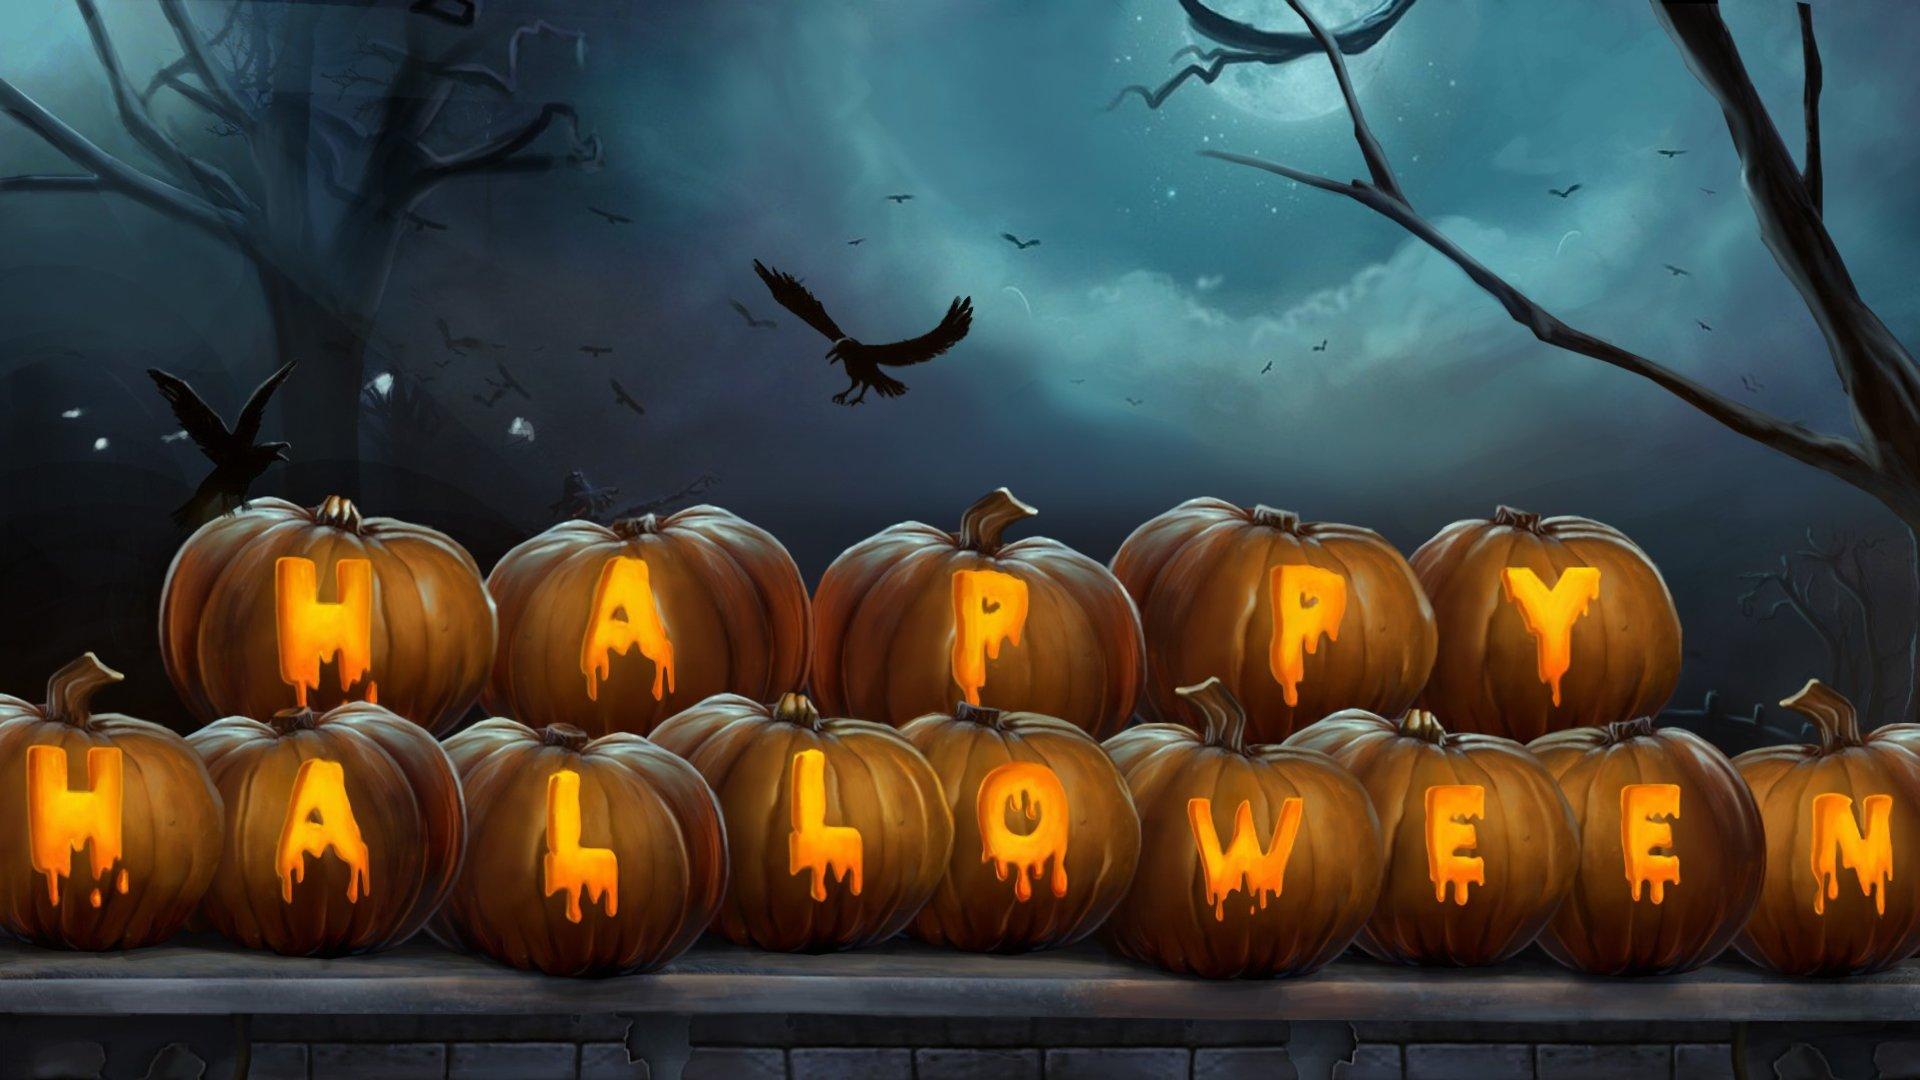 Cute Halloween Wallpapers Widescreen Flip Wallpapers Download 1920x1080